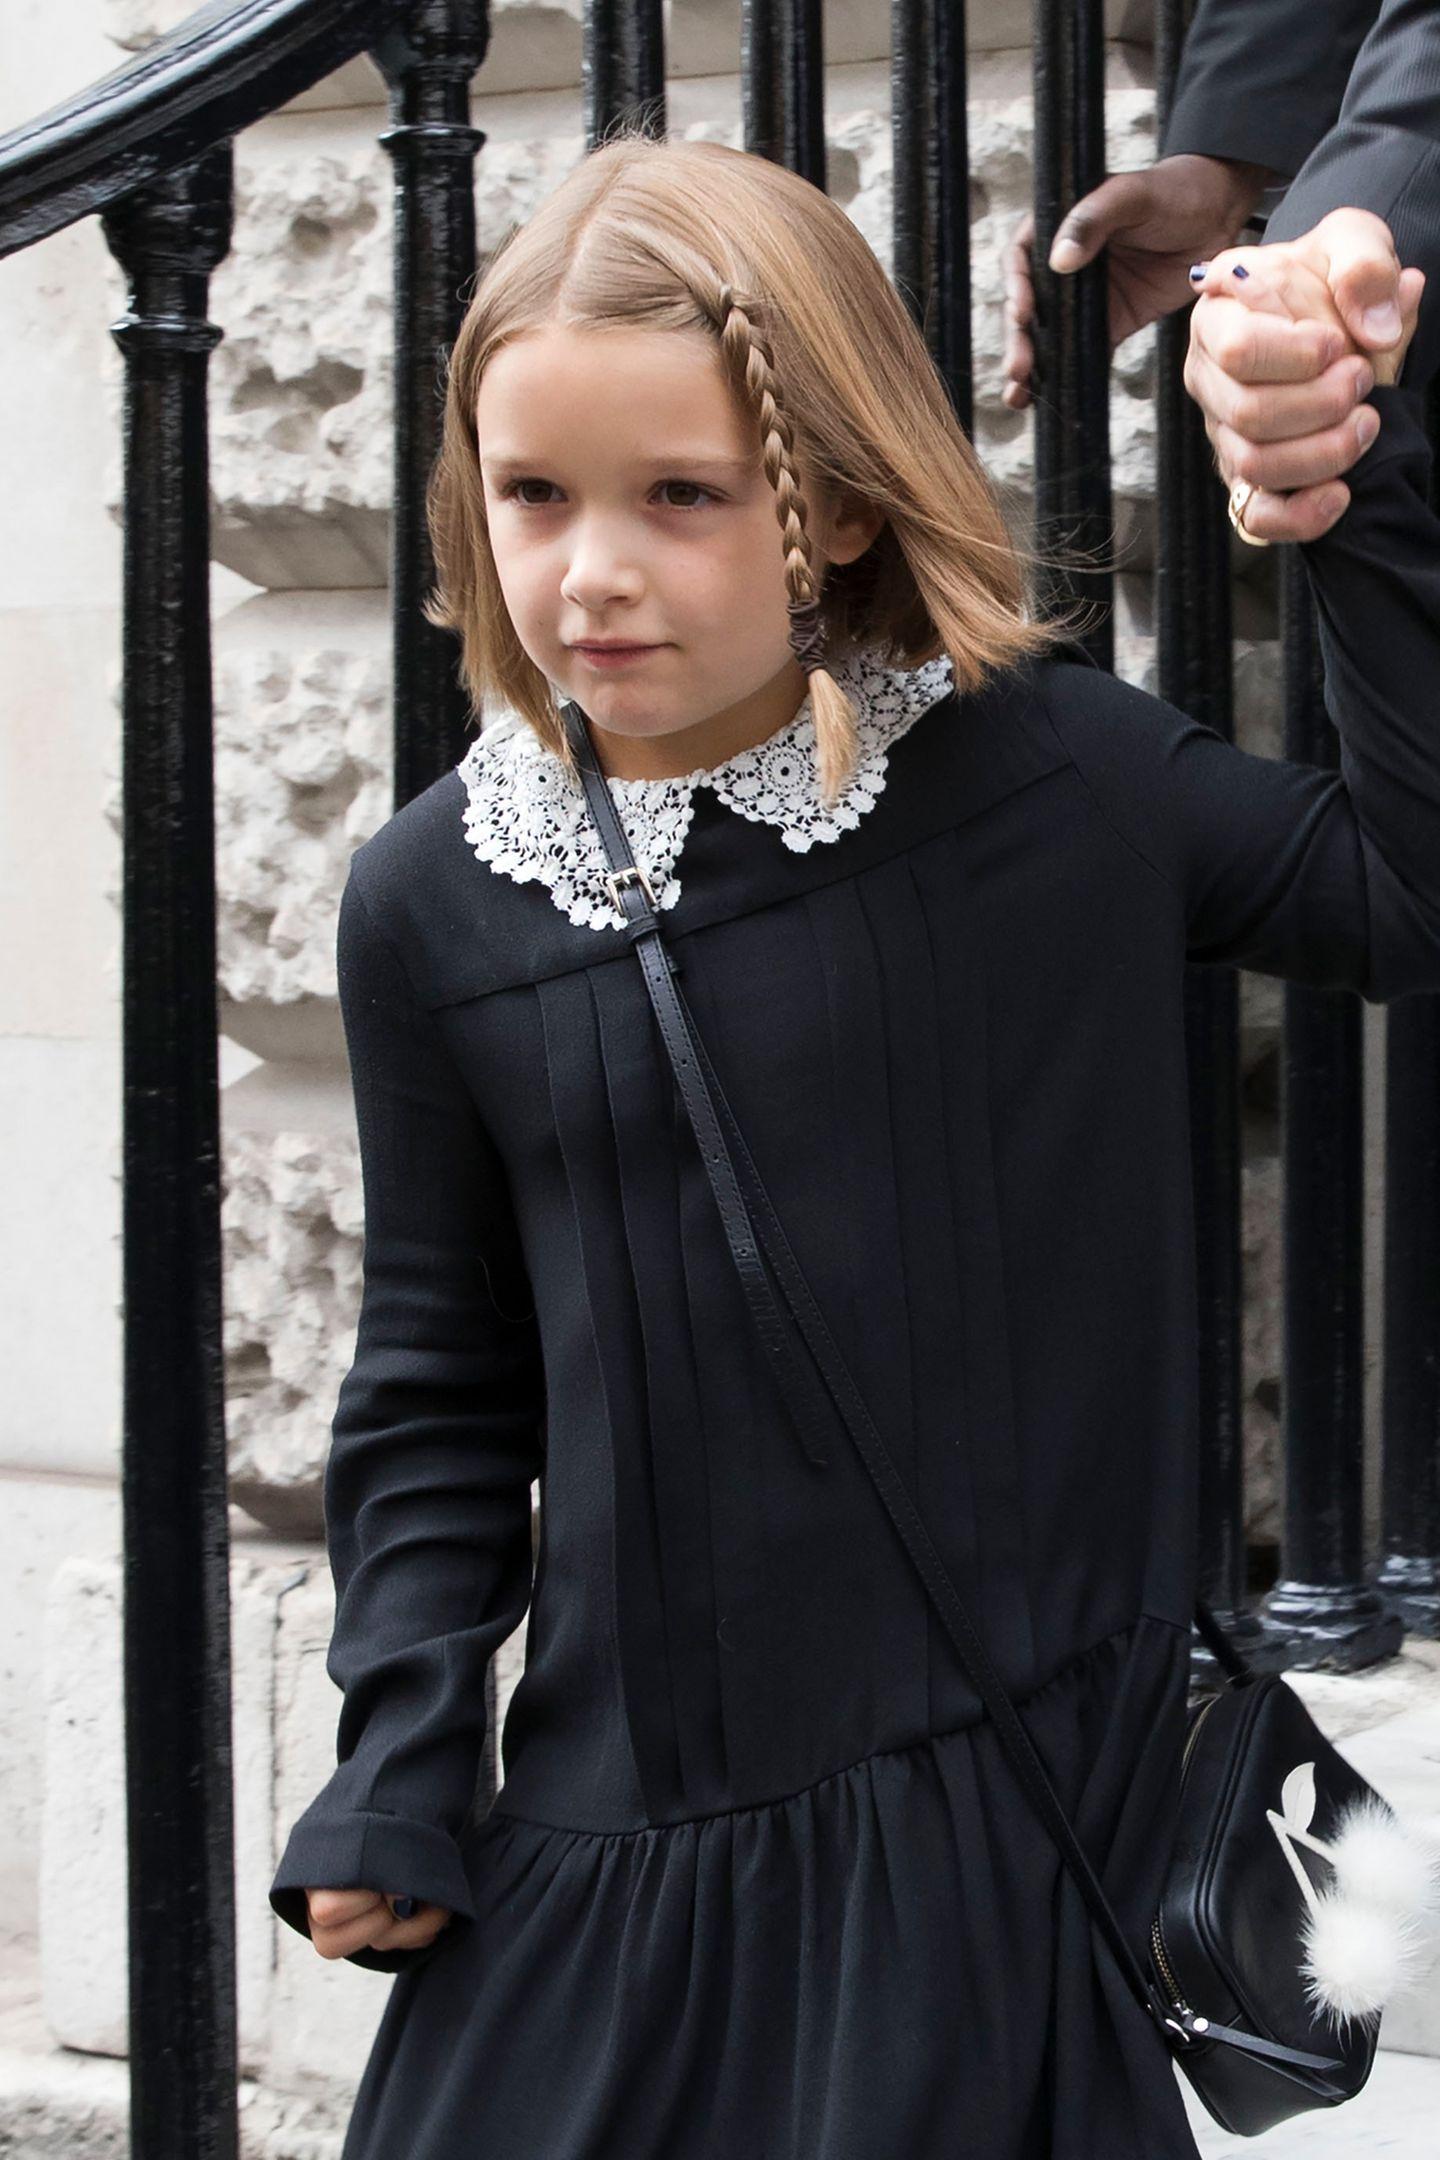 Harper Beckham haben wir in den letzten Jahren mit langen, geflochtenen Zöpfen aufwachsen sehen, damit war letzten Herbst Schluss, und sie präsentierte sich mit süßem Midi-Bob. Aber auch diesen Look hat Victoria Beckhams Tochter nun geändert.